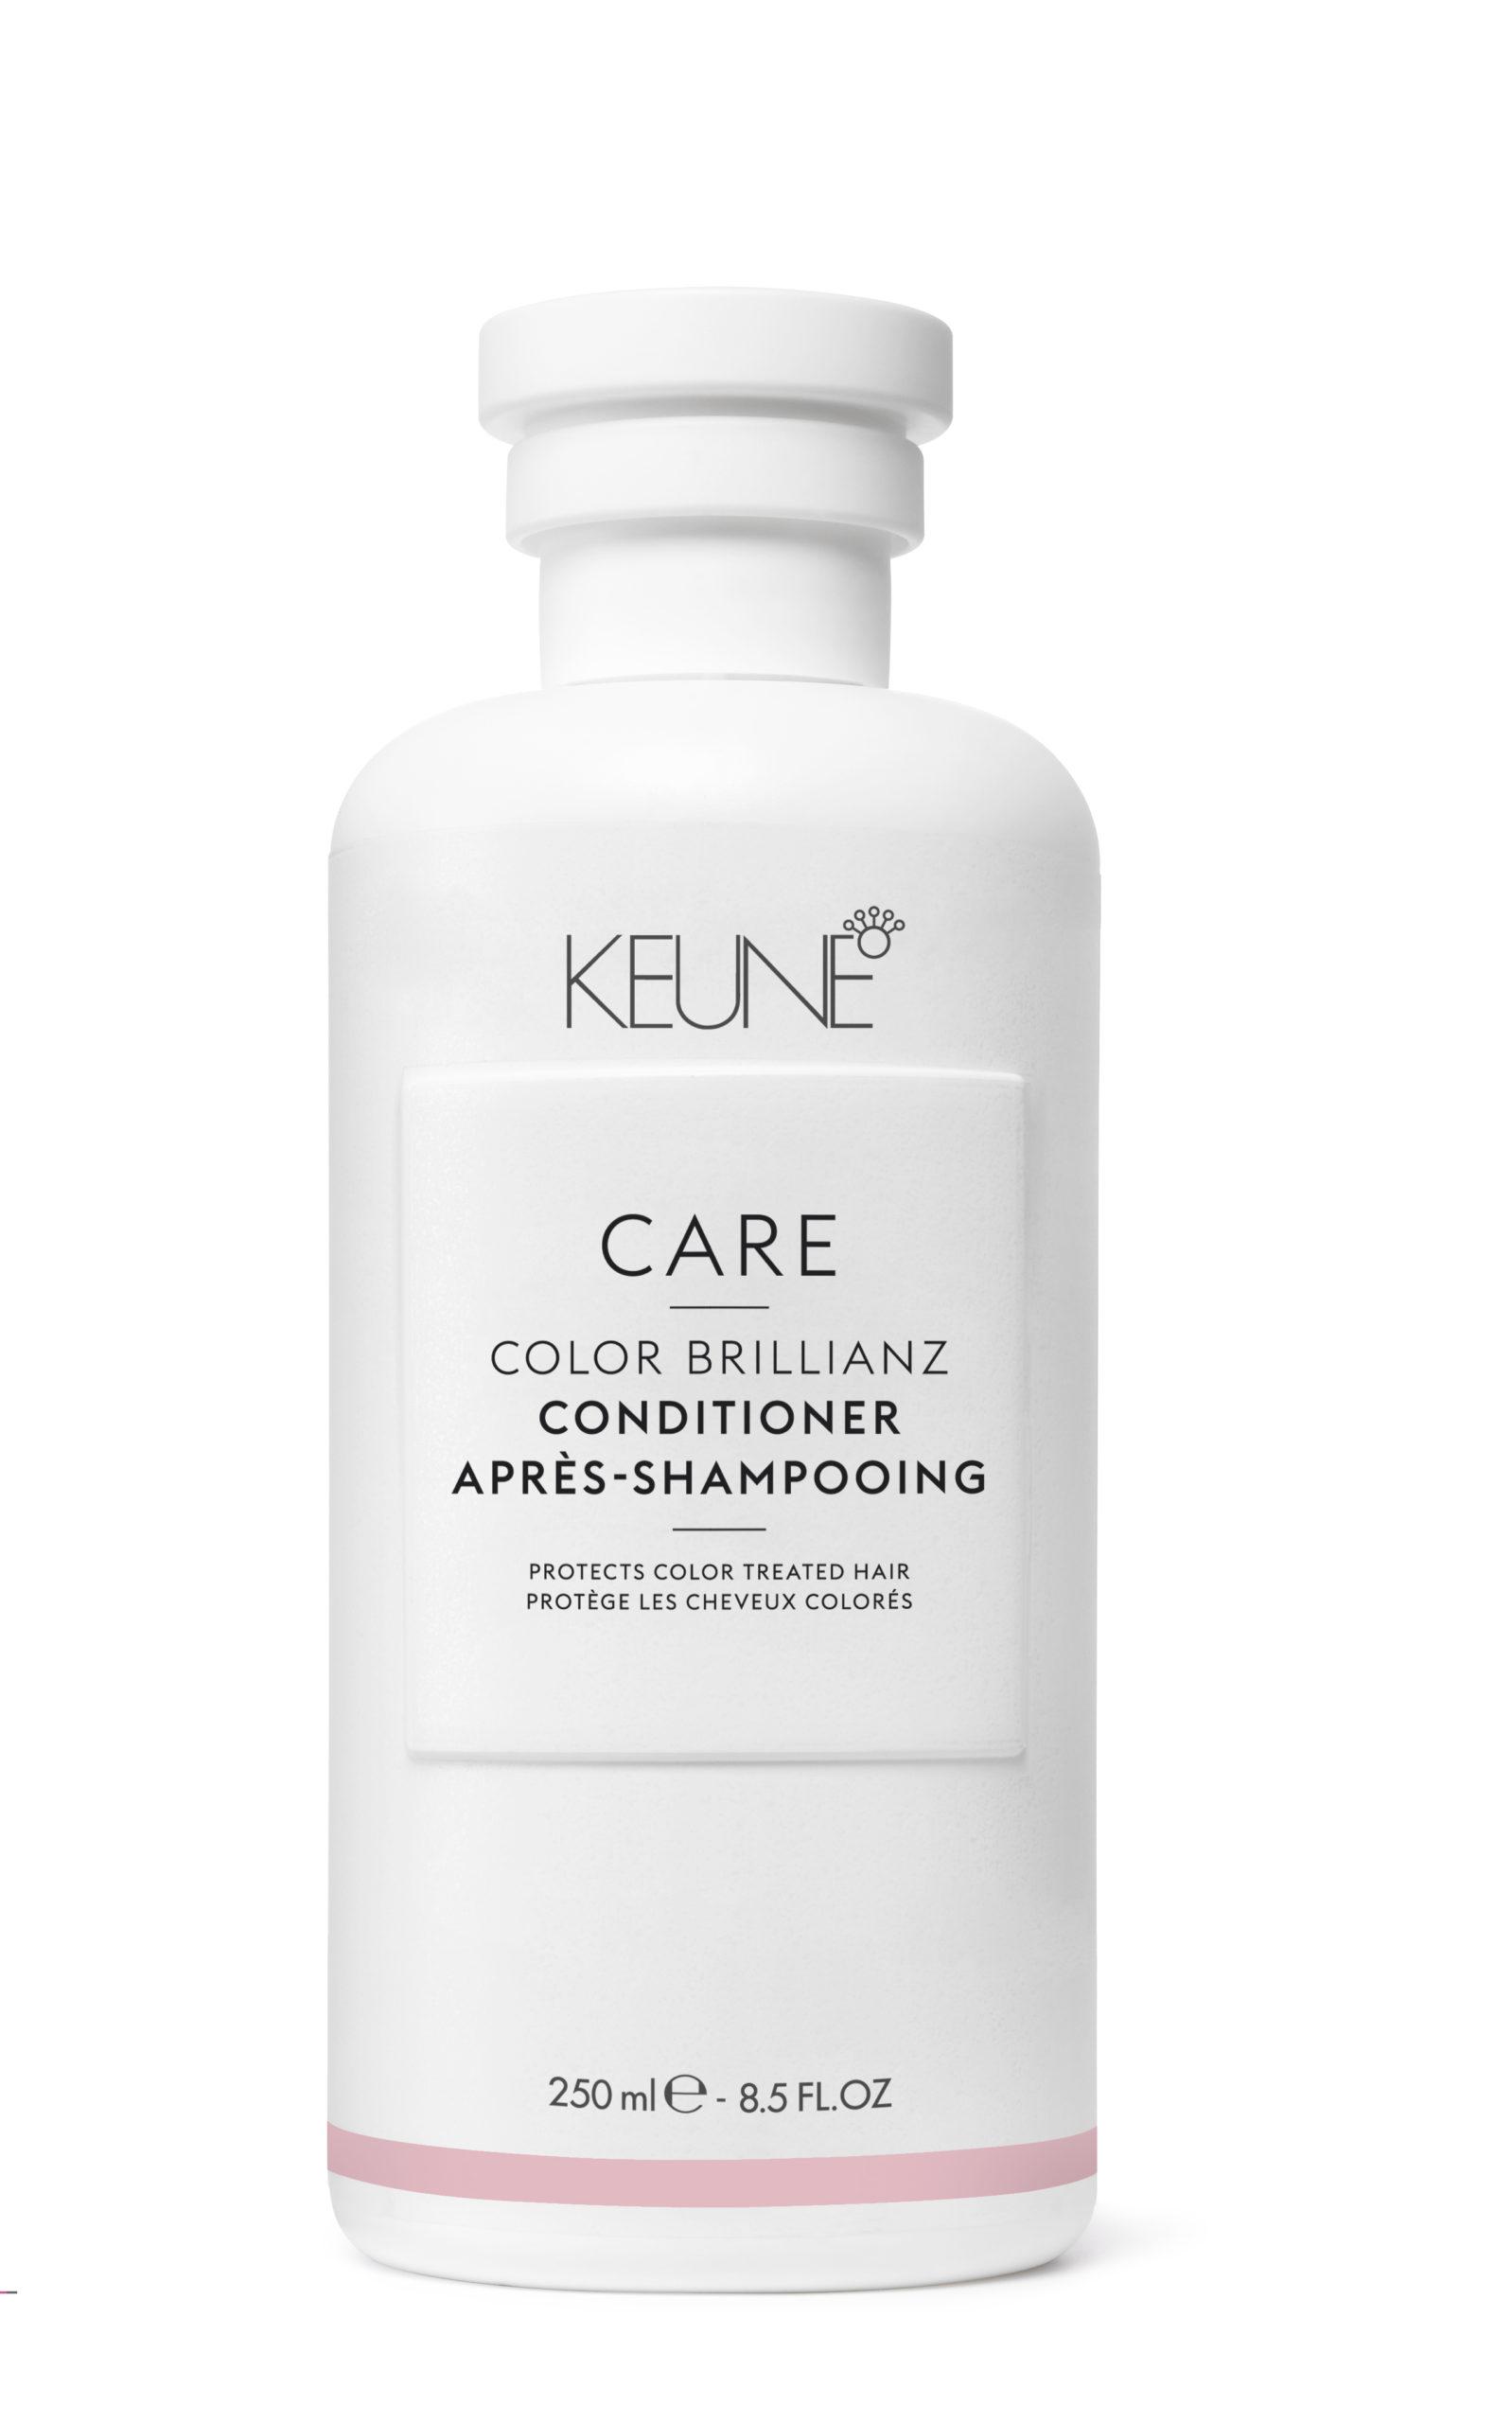 Care-Color-Brillianz-Conditioner-250ml-def-highres